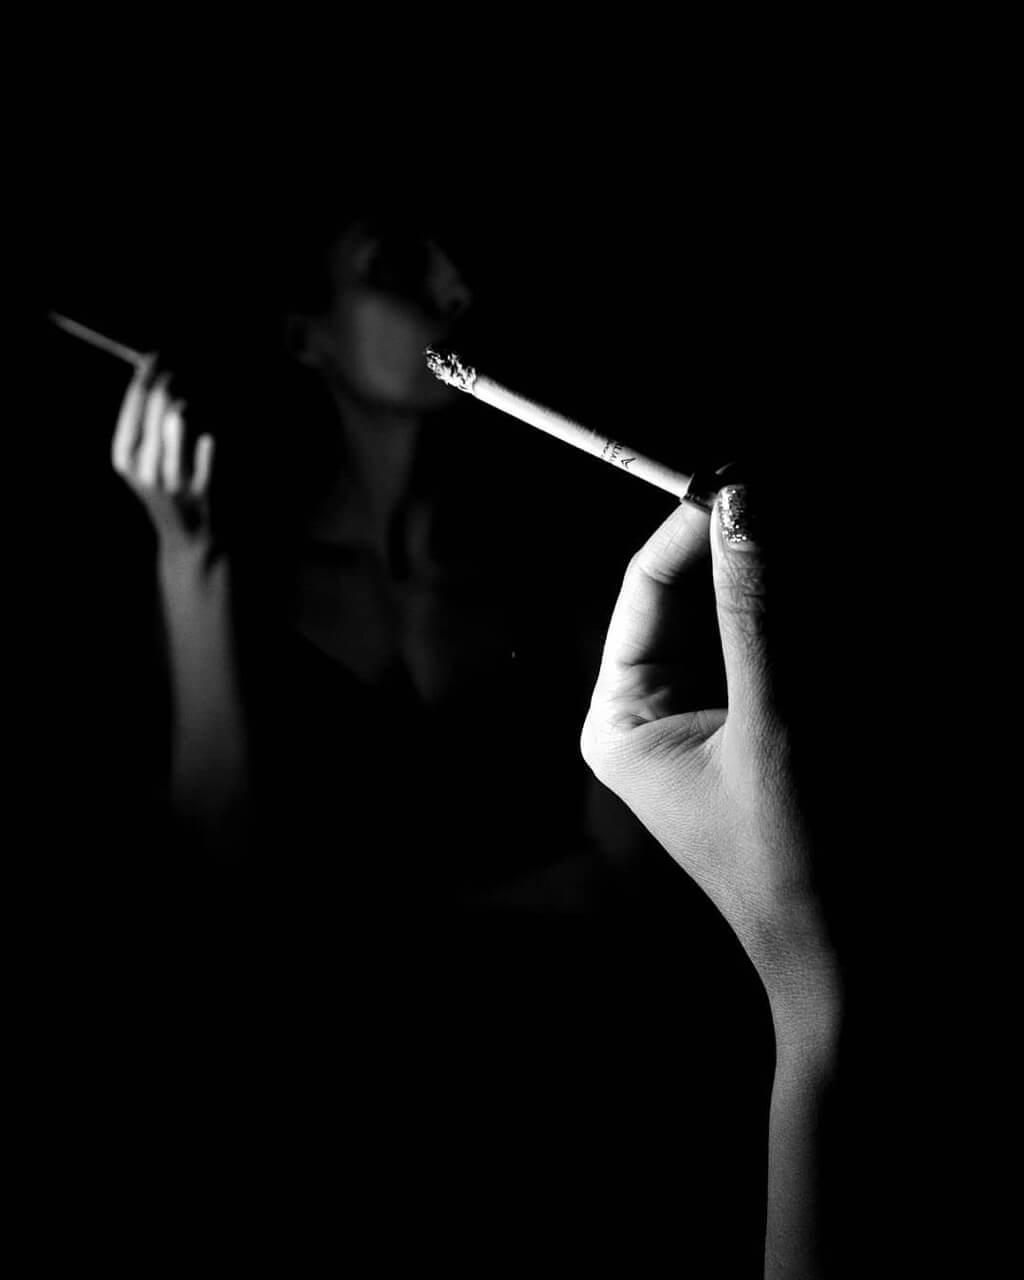 Daniel Turan - cigarette mirror